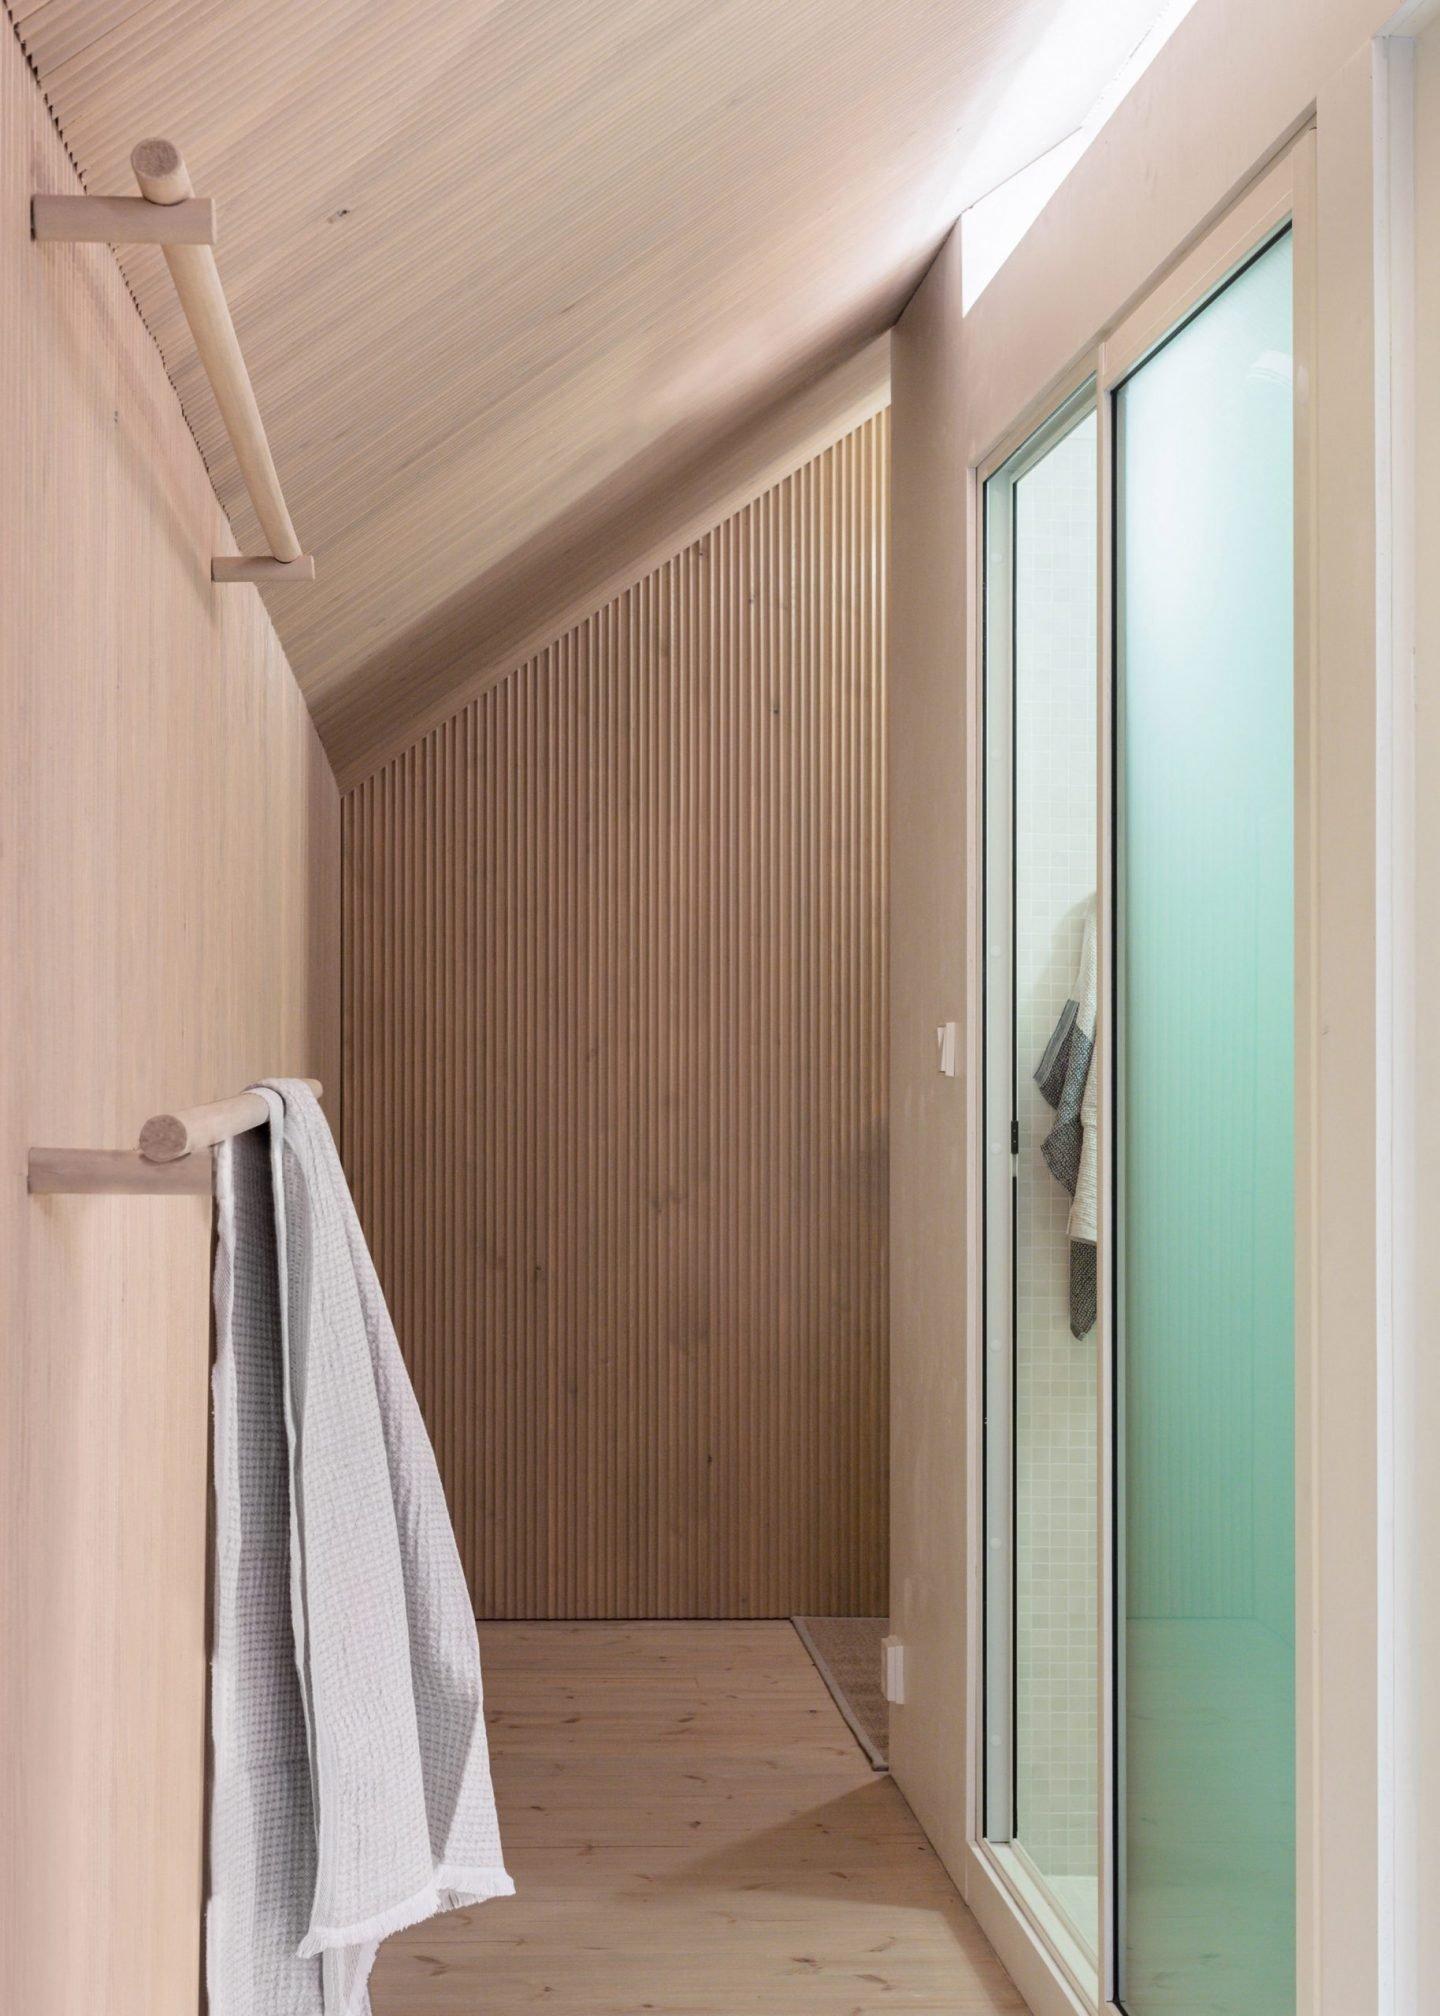 IGNANT-Architecture-Studio-Puisto-Niliaitta-03